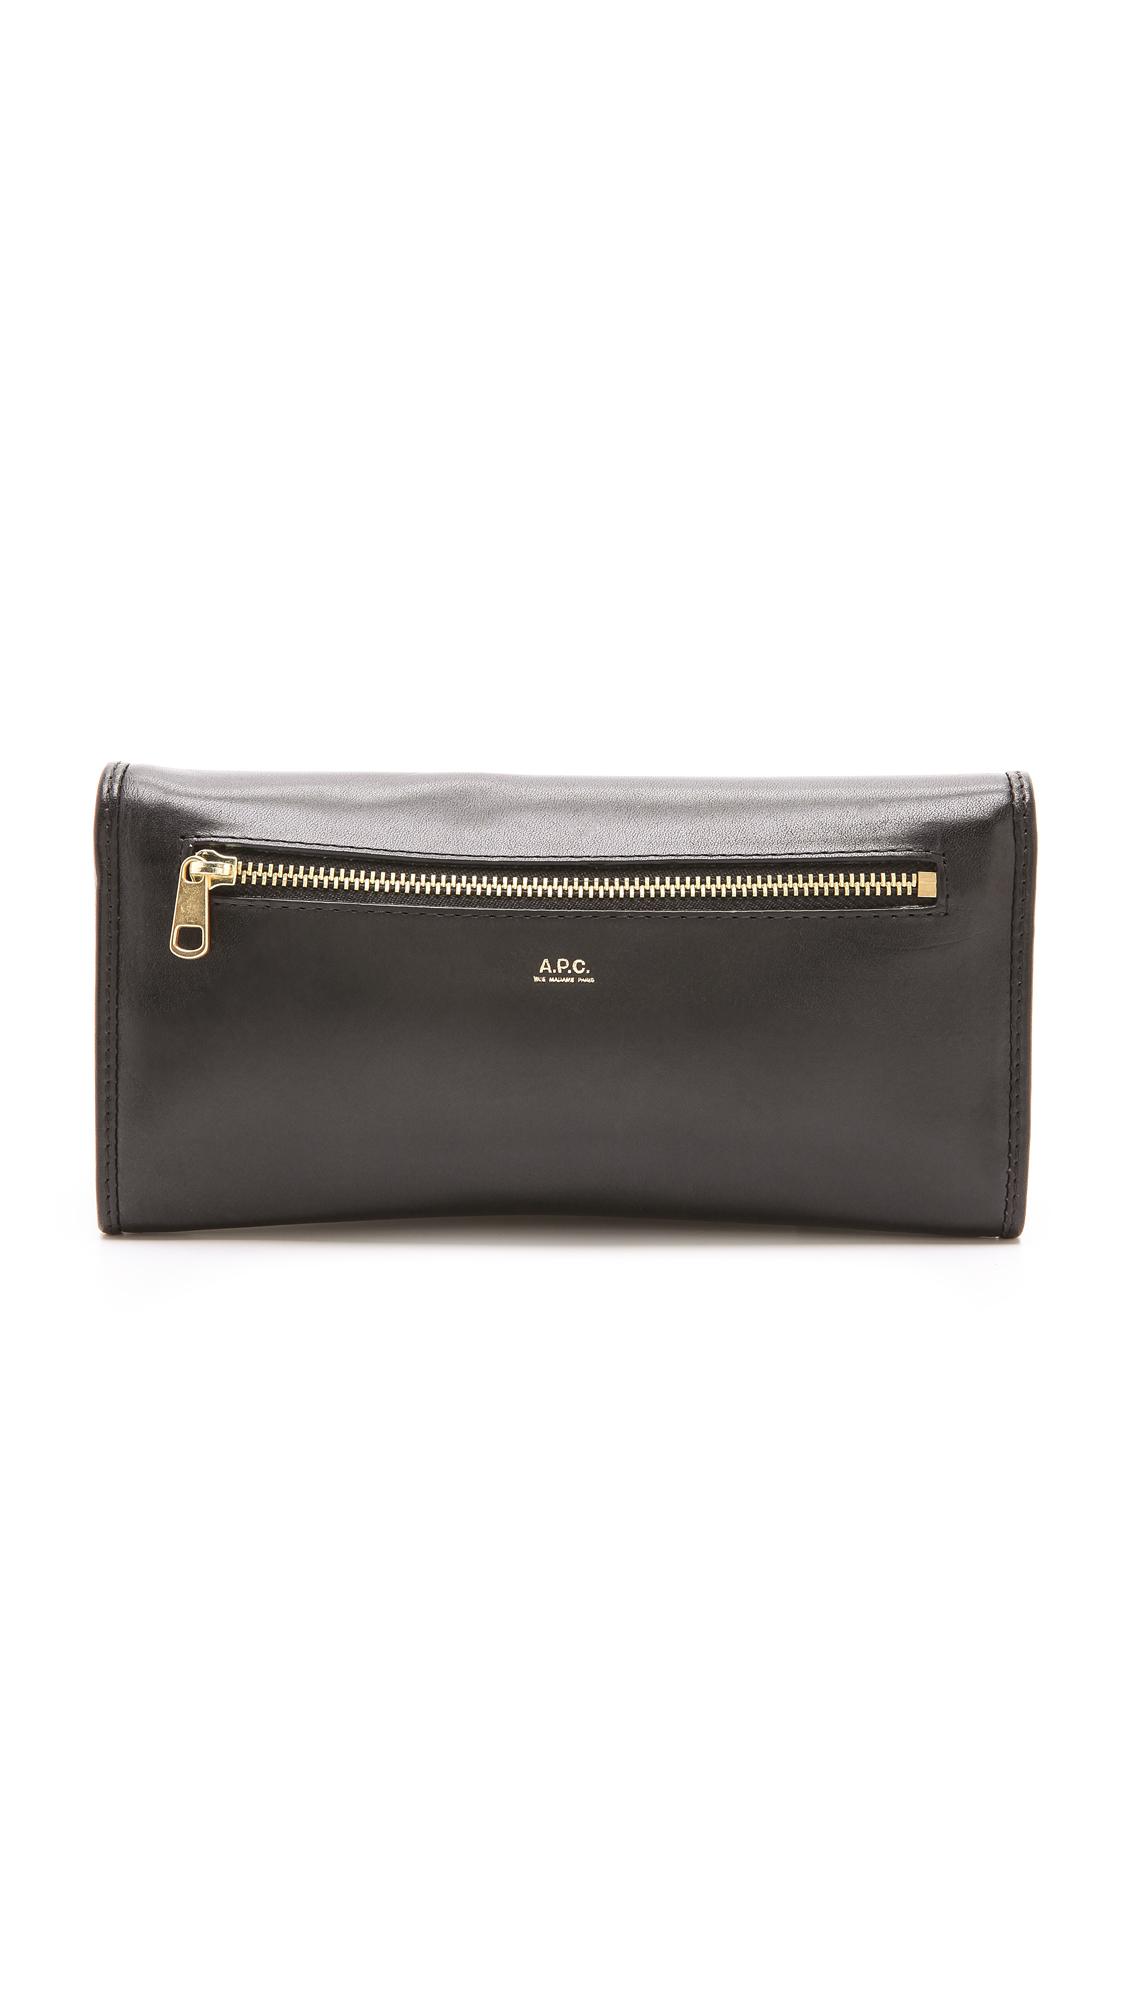 A.p.c. Long Portefeuille Wallet in Black (Noir)   Lyst